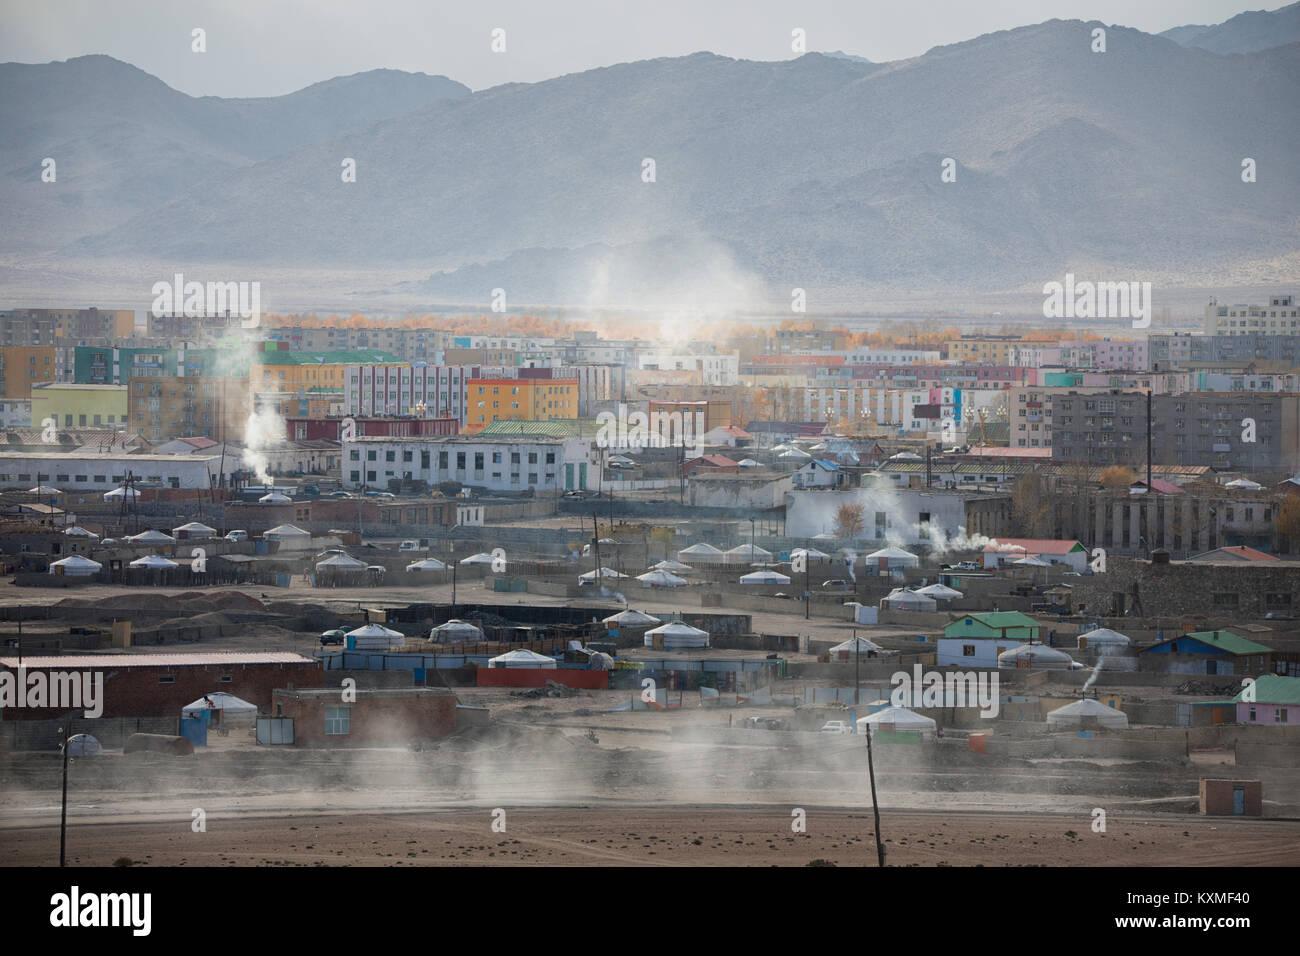 Khovd Hovd ver el humo de la chimenea quemando carbón ger camp gers Mongolia Imagen De Stock